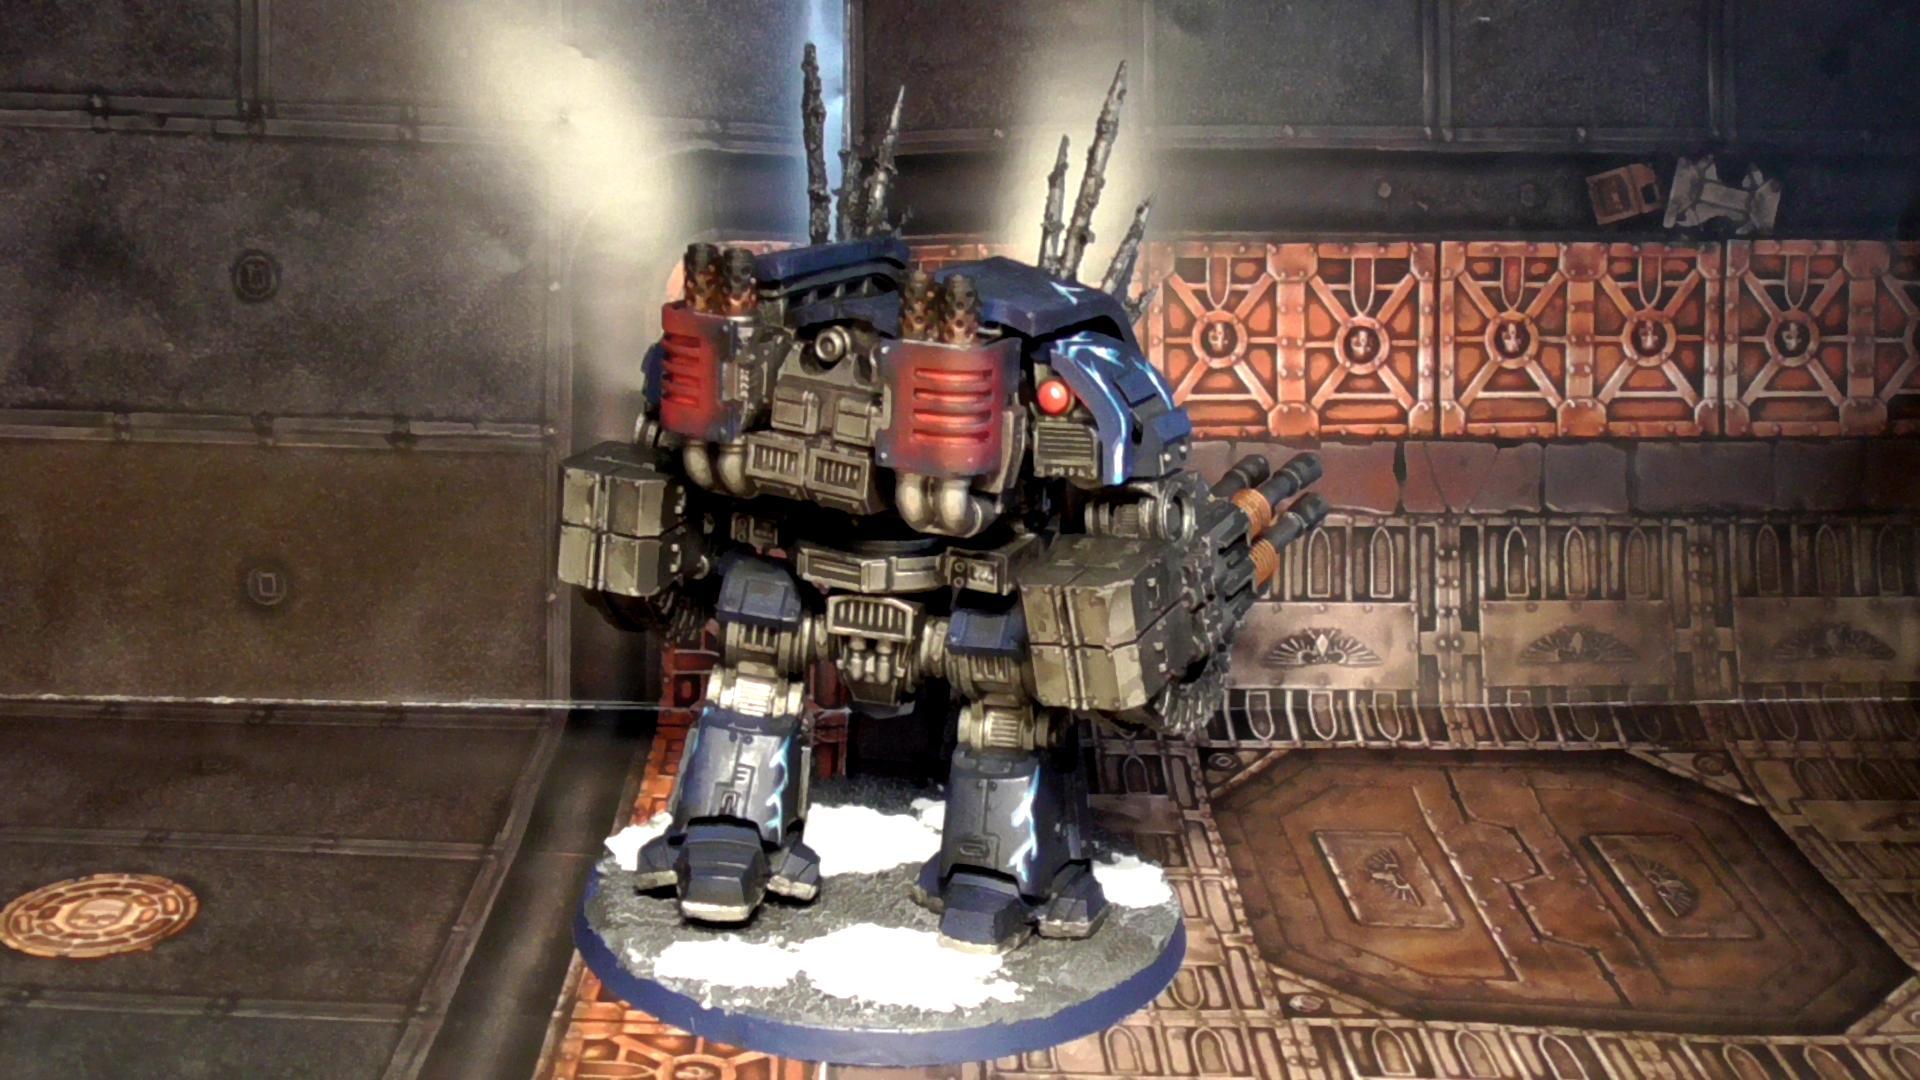 Horus Heresy, Leviathan Dreadnought, Night Lords, Warhammer 30k, Warhammer 40,000